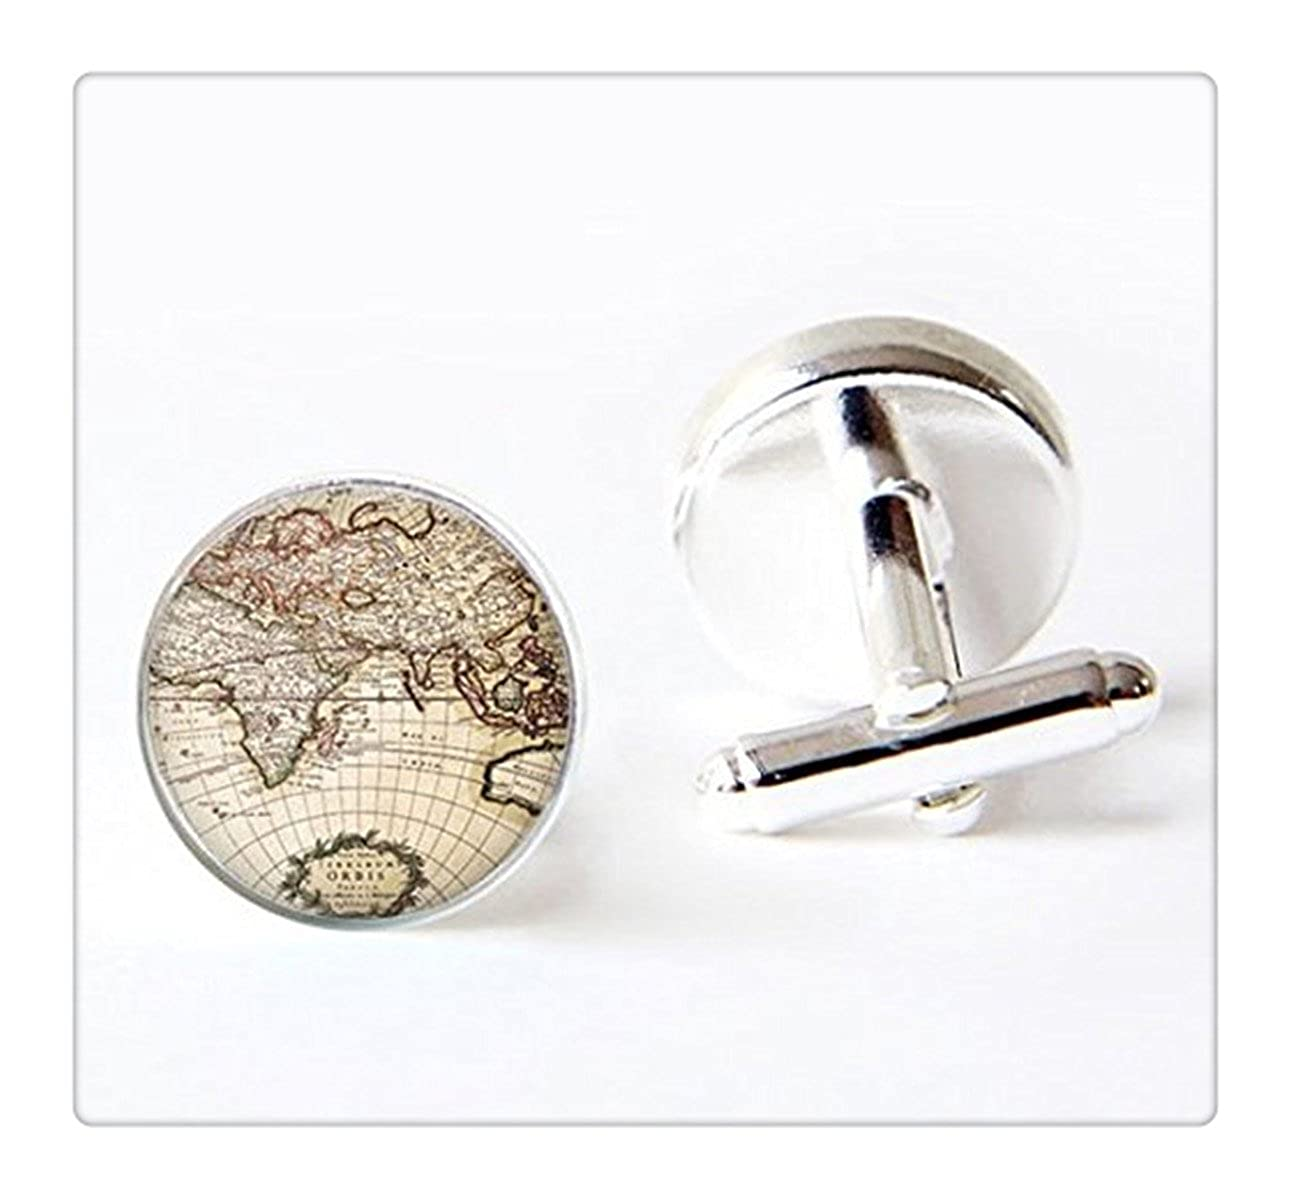 carte du monde Globe carte de la Terre du globe monde Voyage Adventurer Carte du monde Globe boutons de manchette Art manchette